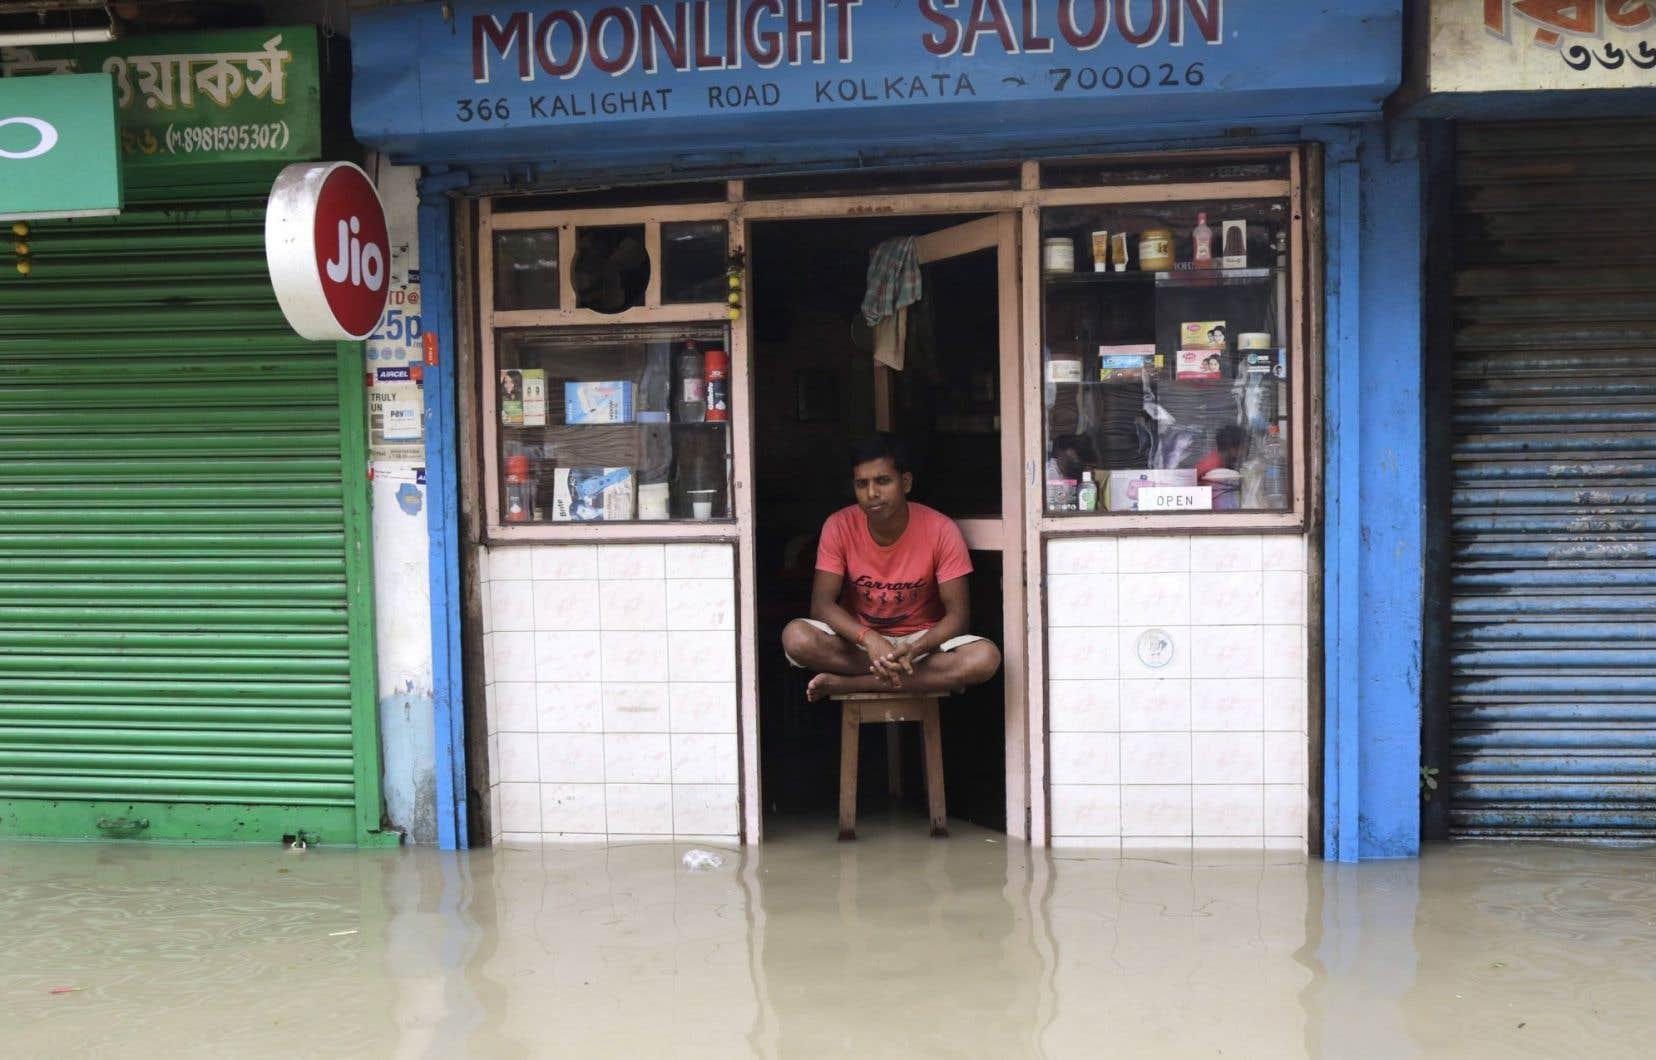 Les pluies diluviennes de la mousson s'abattent sur l'Inde.